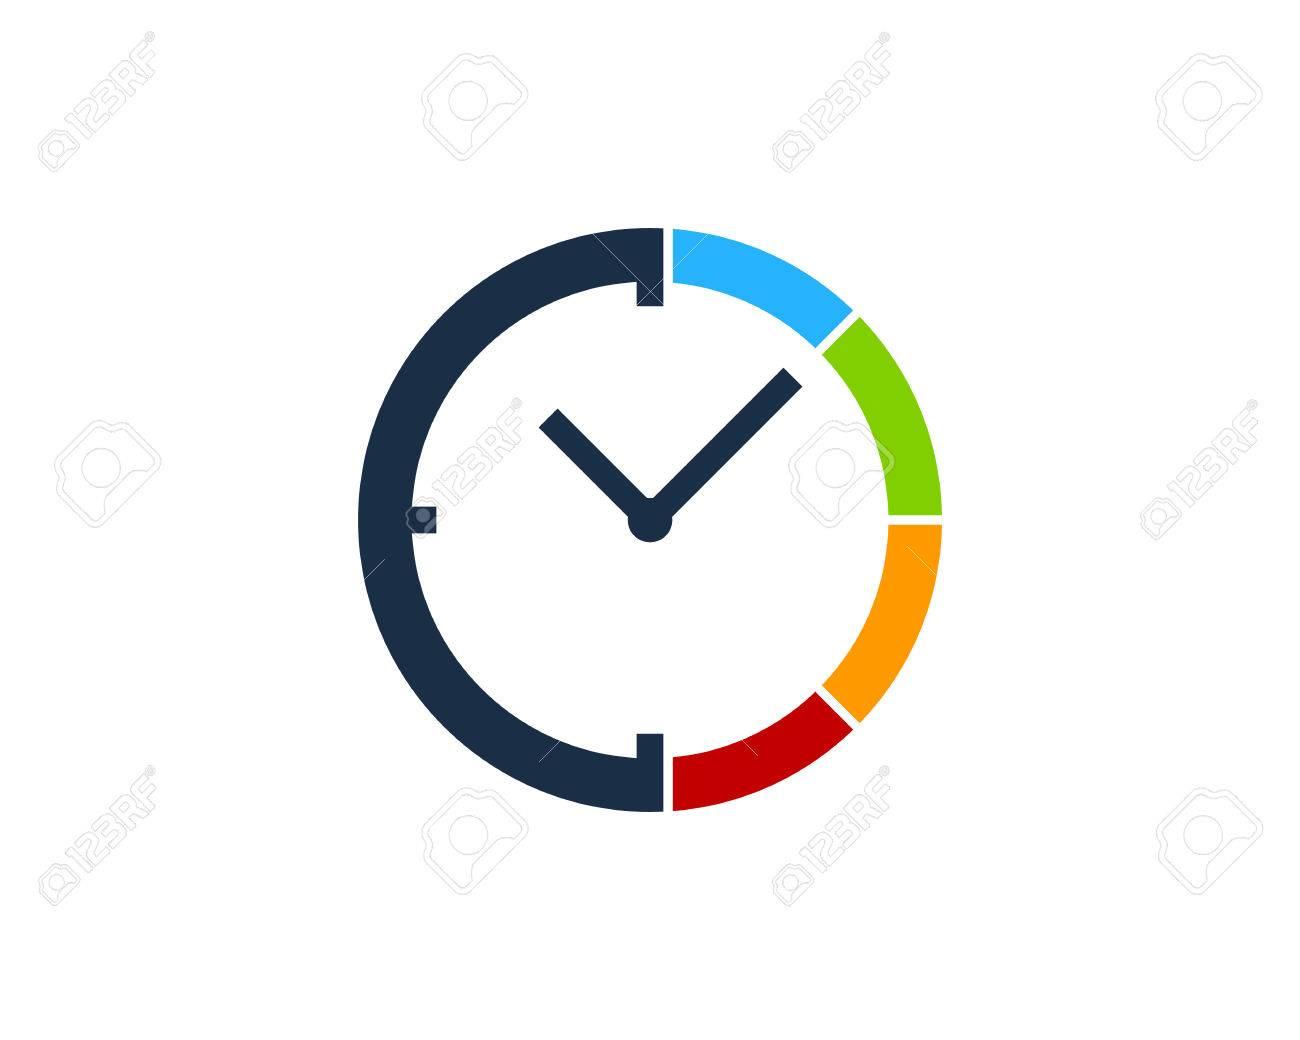 création site internet - Speed in site design - Nos services géniaux signifientqu'une entreprise IT conception website, et création site web.